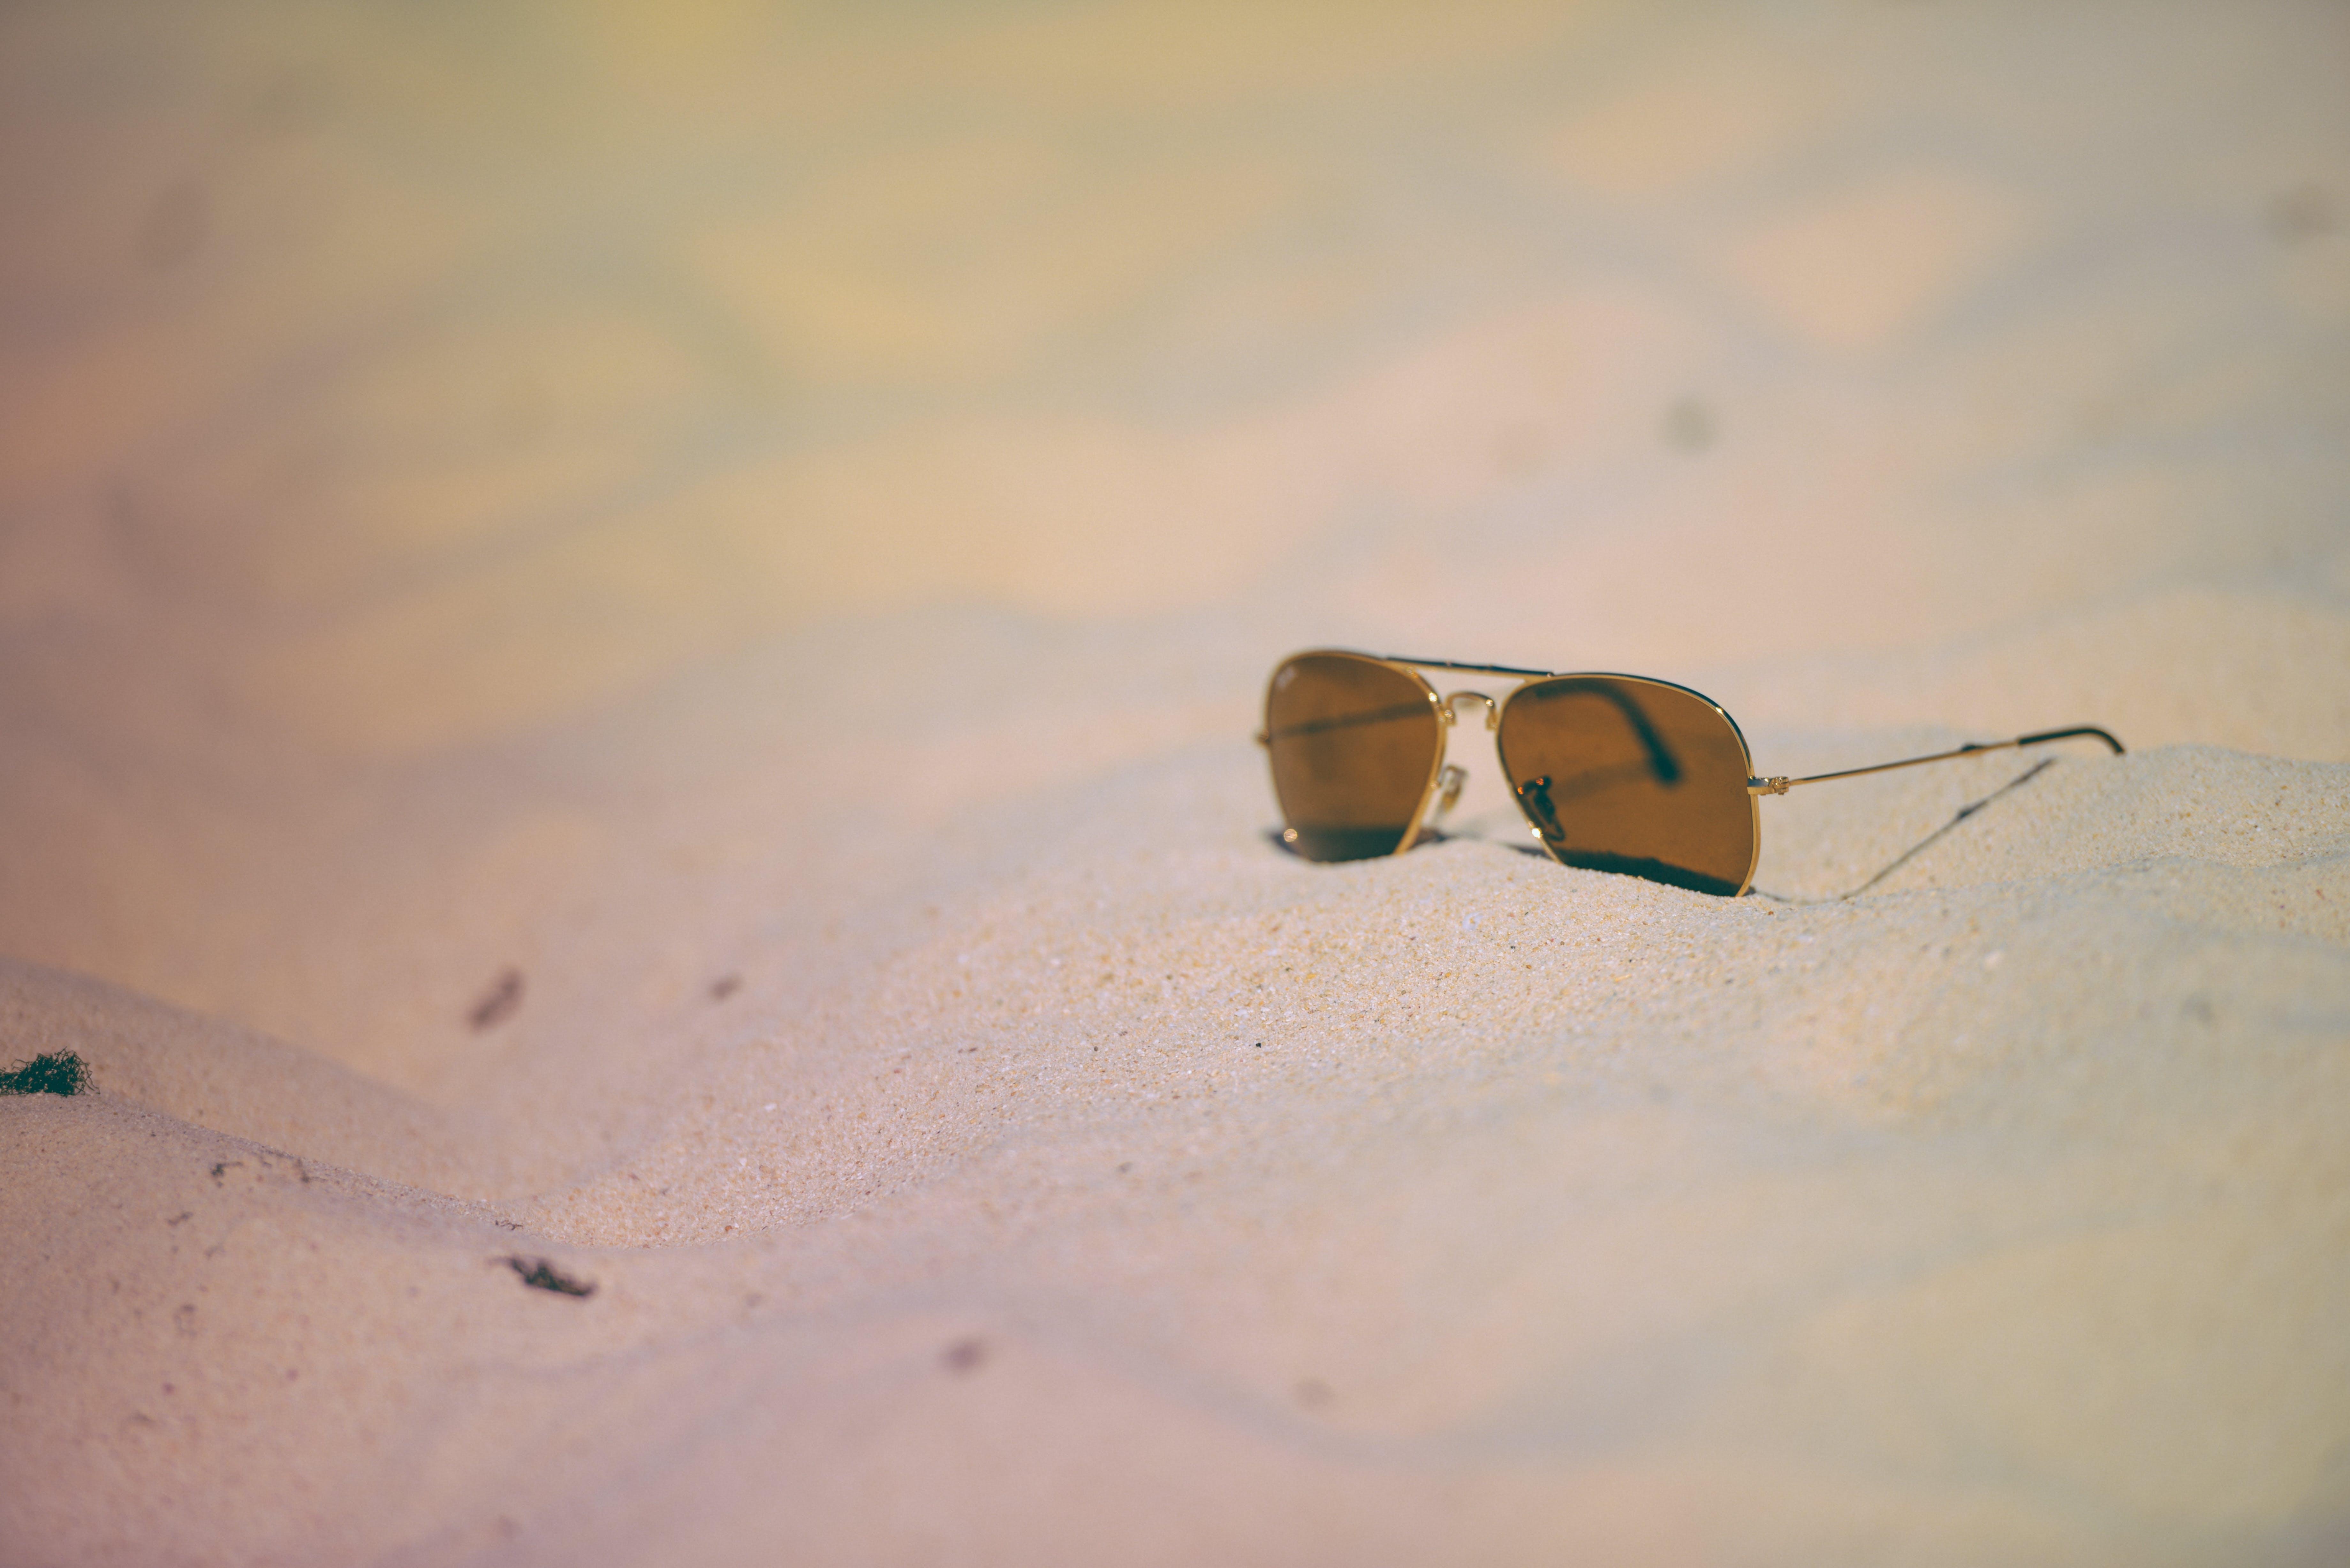 beach, holiday, sand